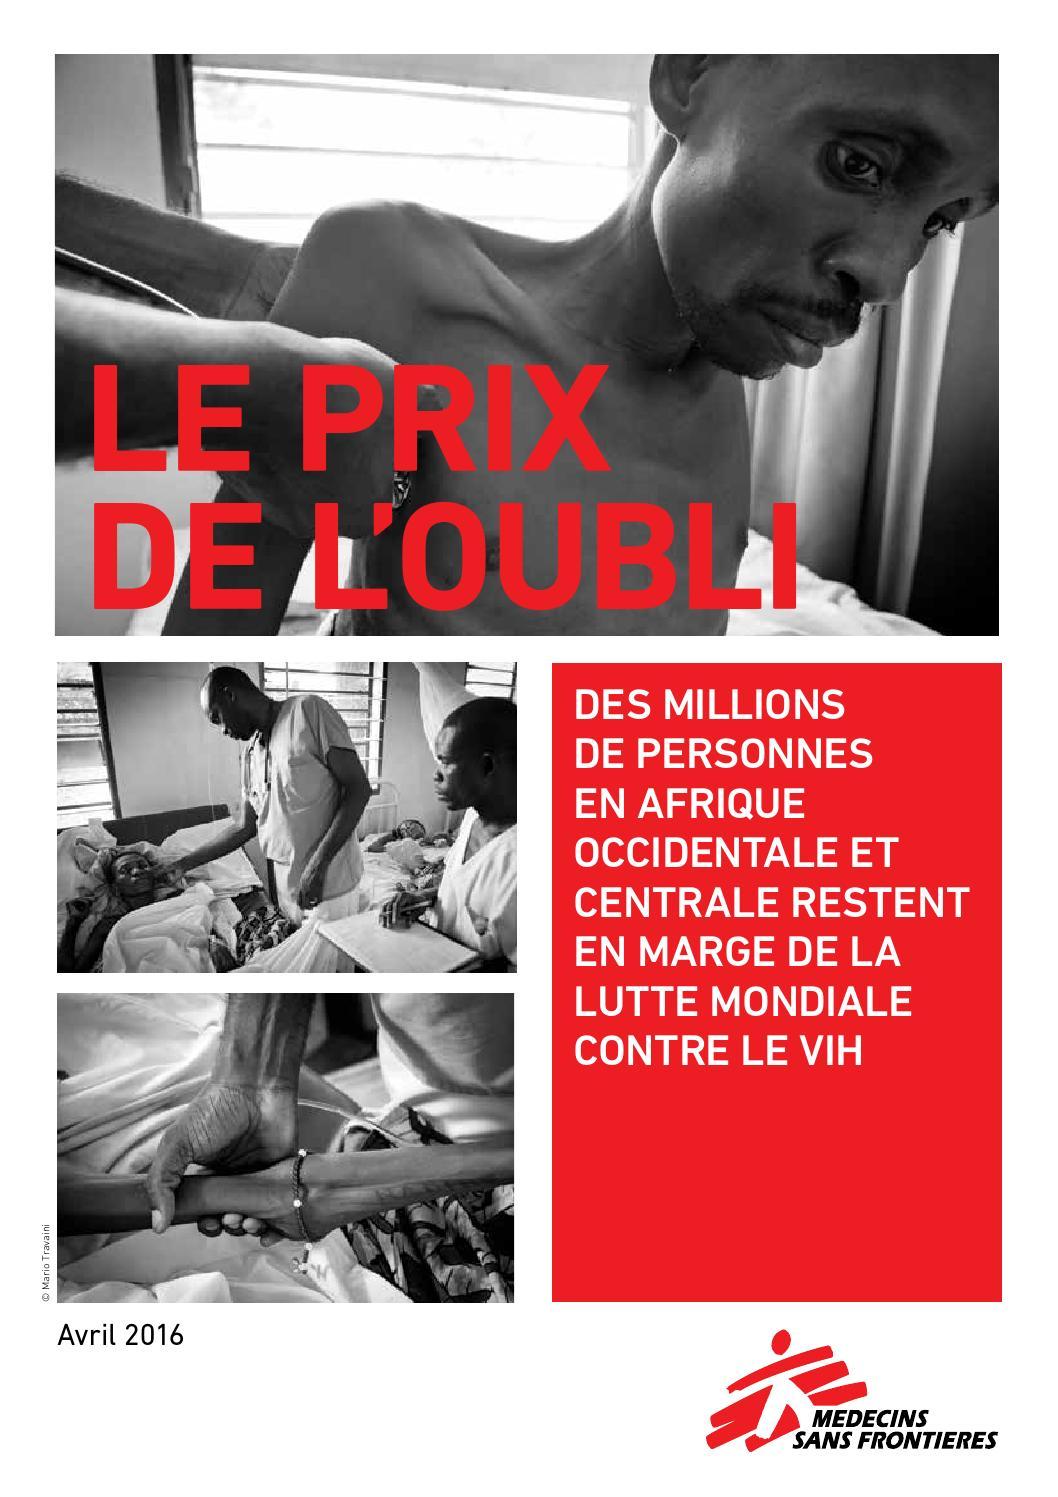 soins hospitaliers pdiatriques prise en charge des affections courantes dans les petits hpitaux french edition